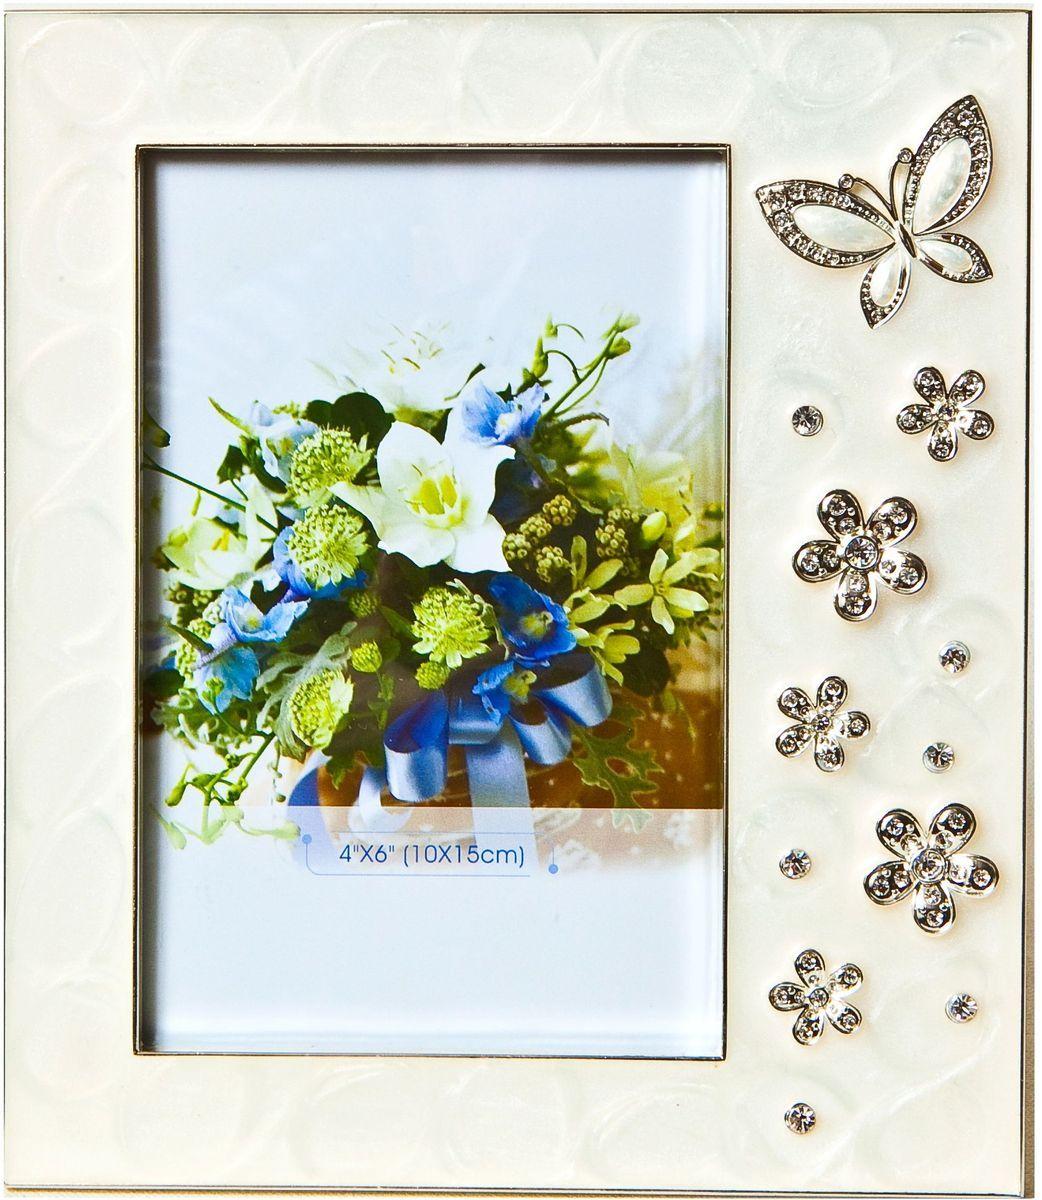 Фоторамка декоративная Platinum Бабочки и цветы, 10 х 15 см. PF10393PLATINUM PF10393